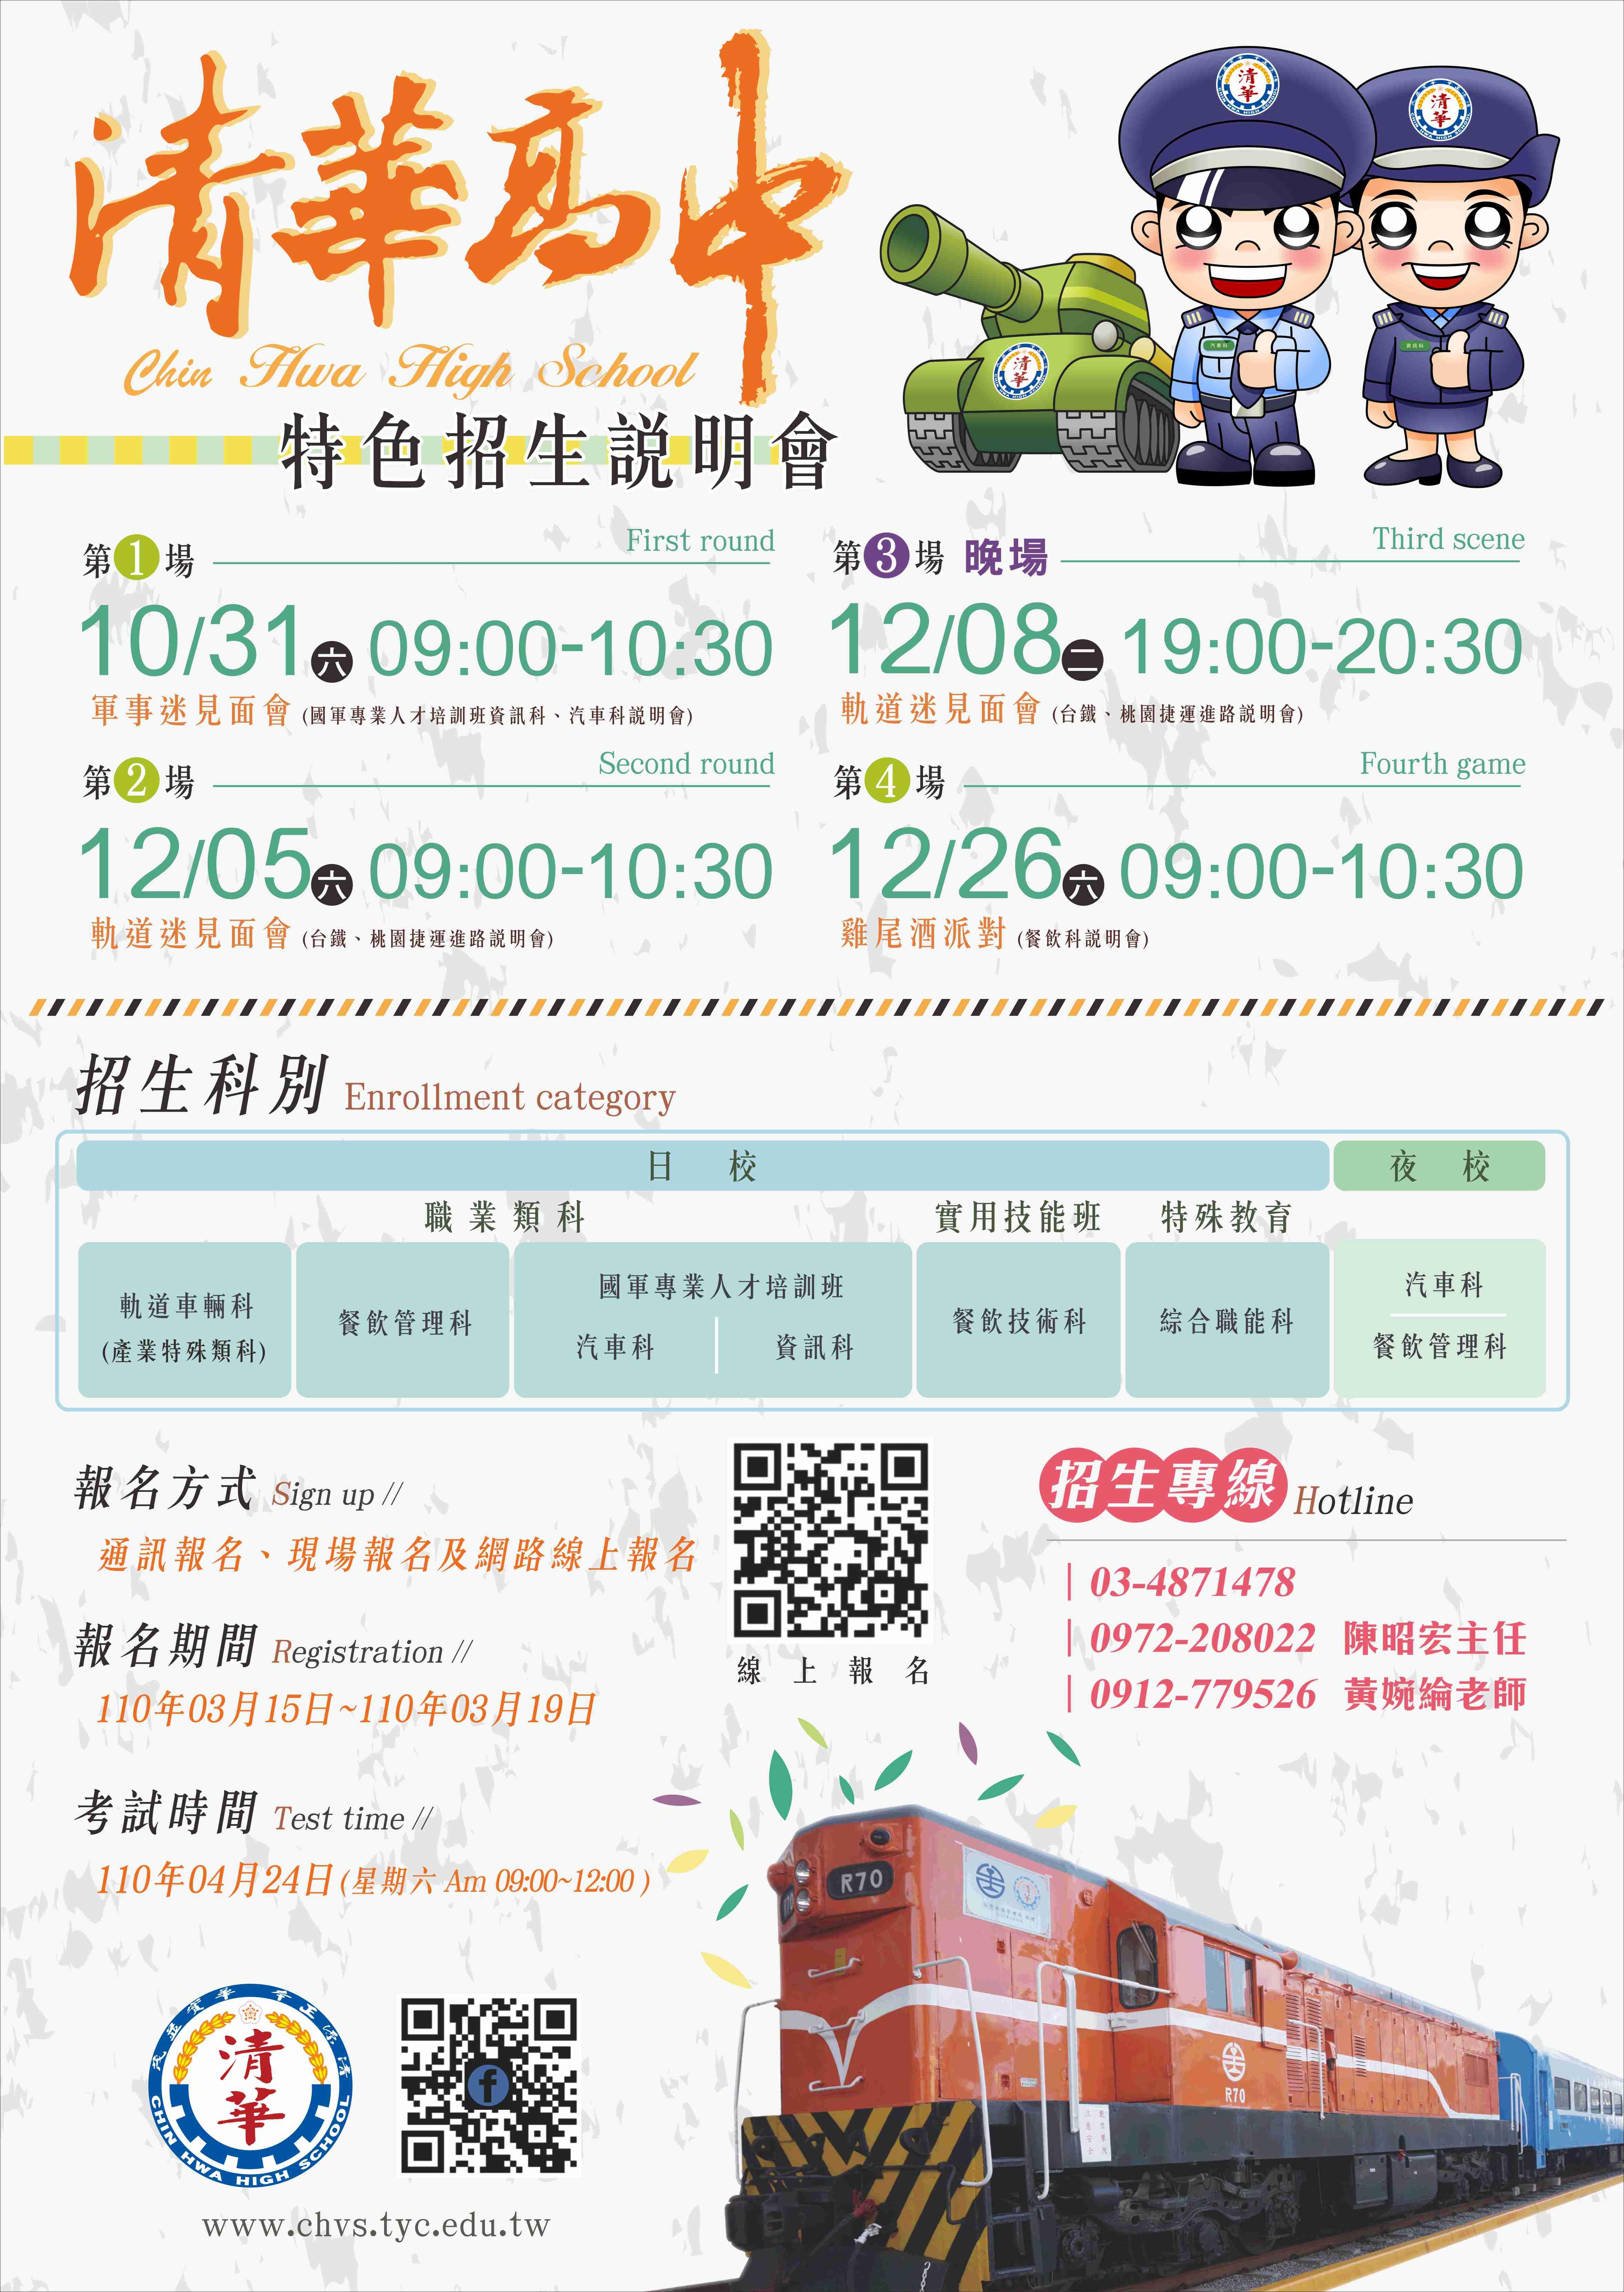 清華高中特色招生說明會海報